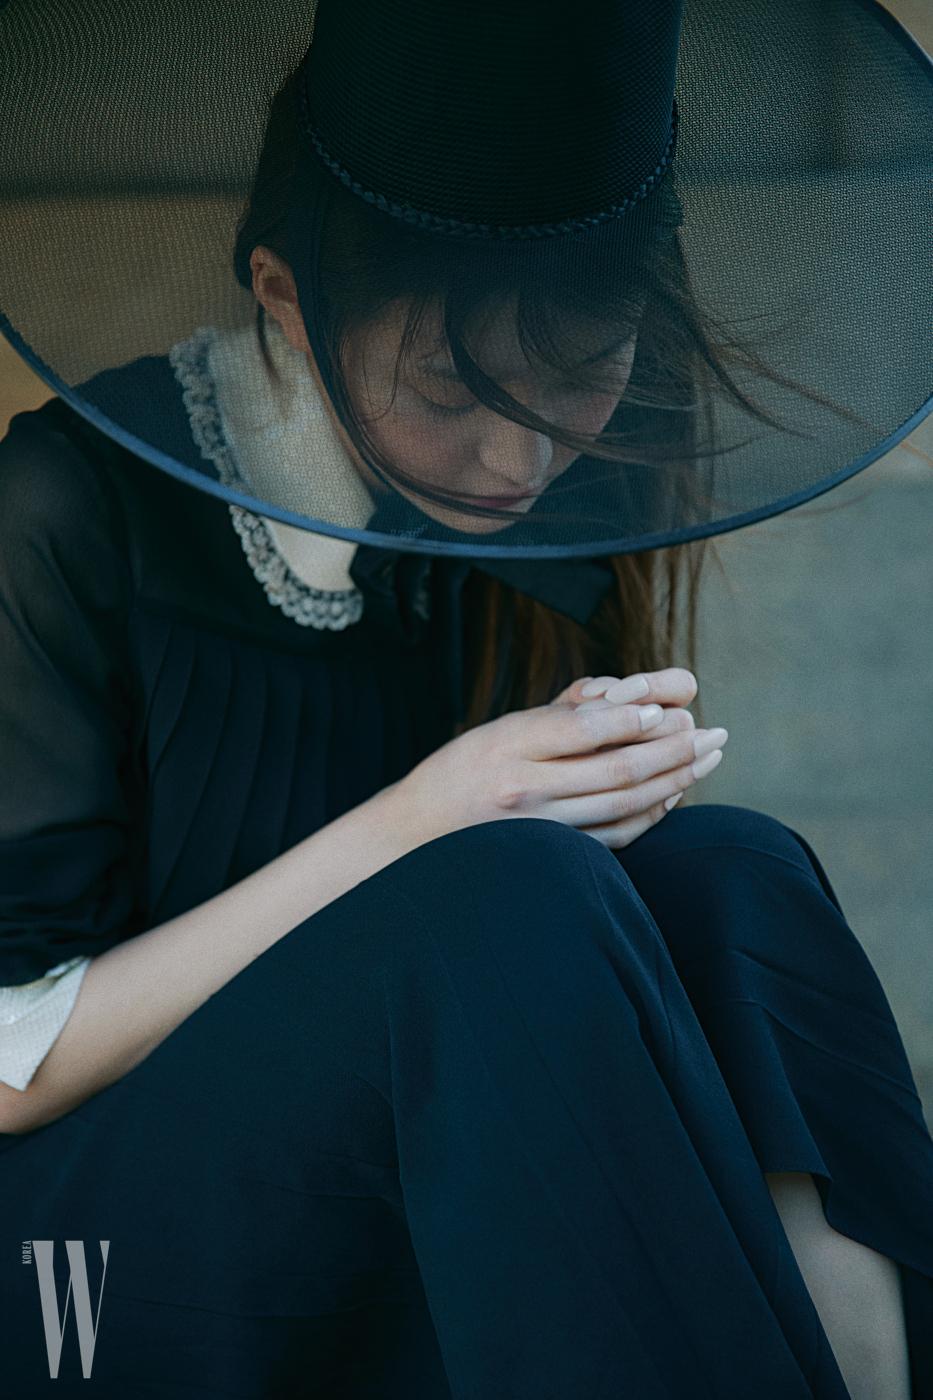 레이스 칼라 드레스는 미우미우 제품.